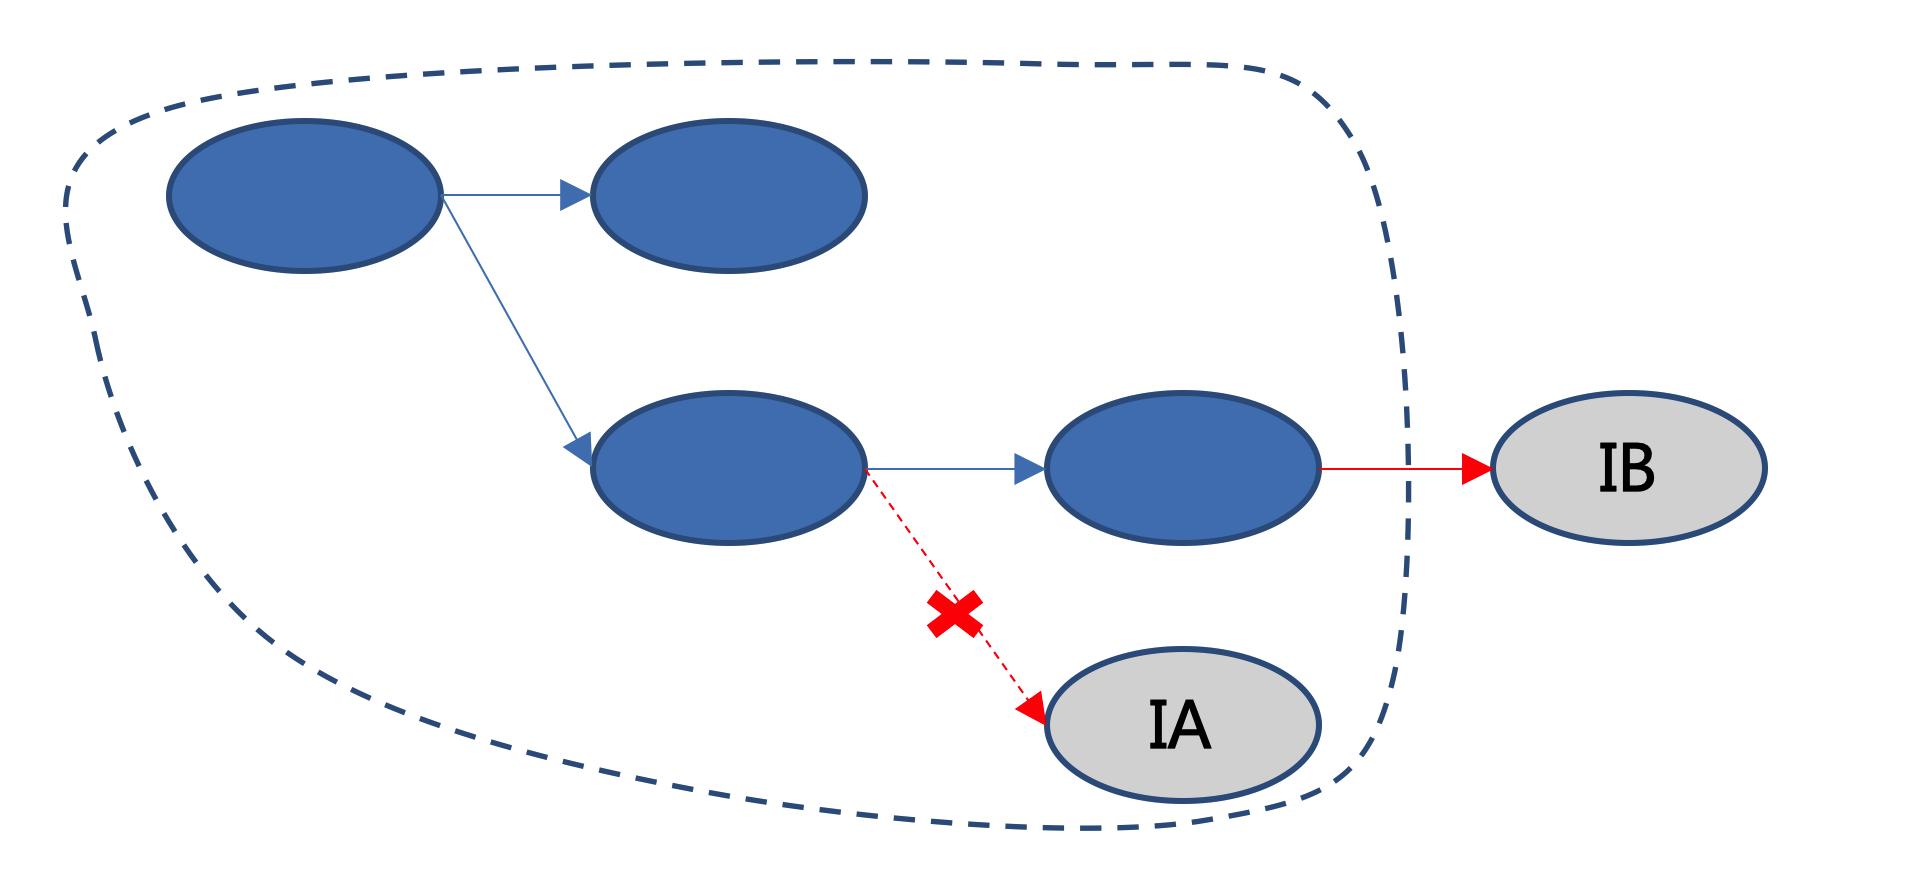 图8 MTrace链路标记校验示意